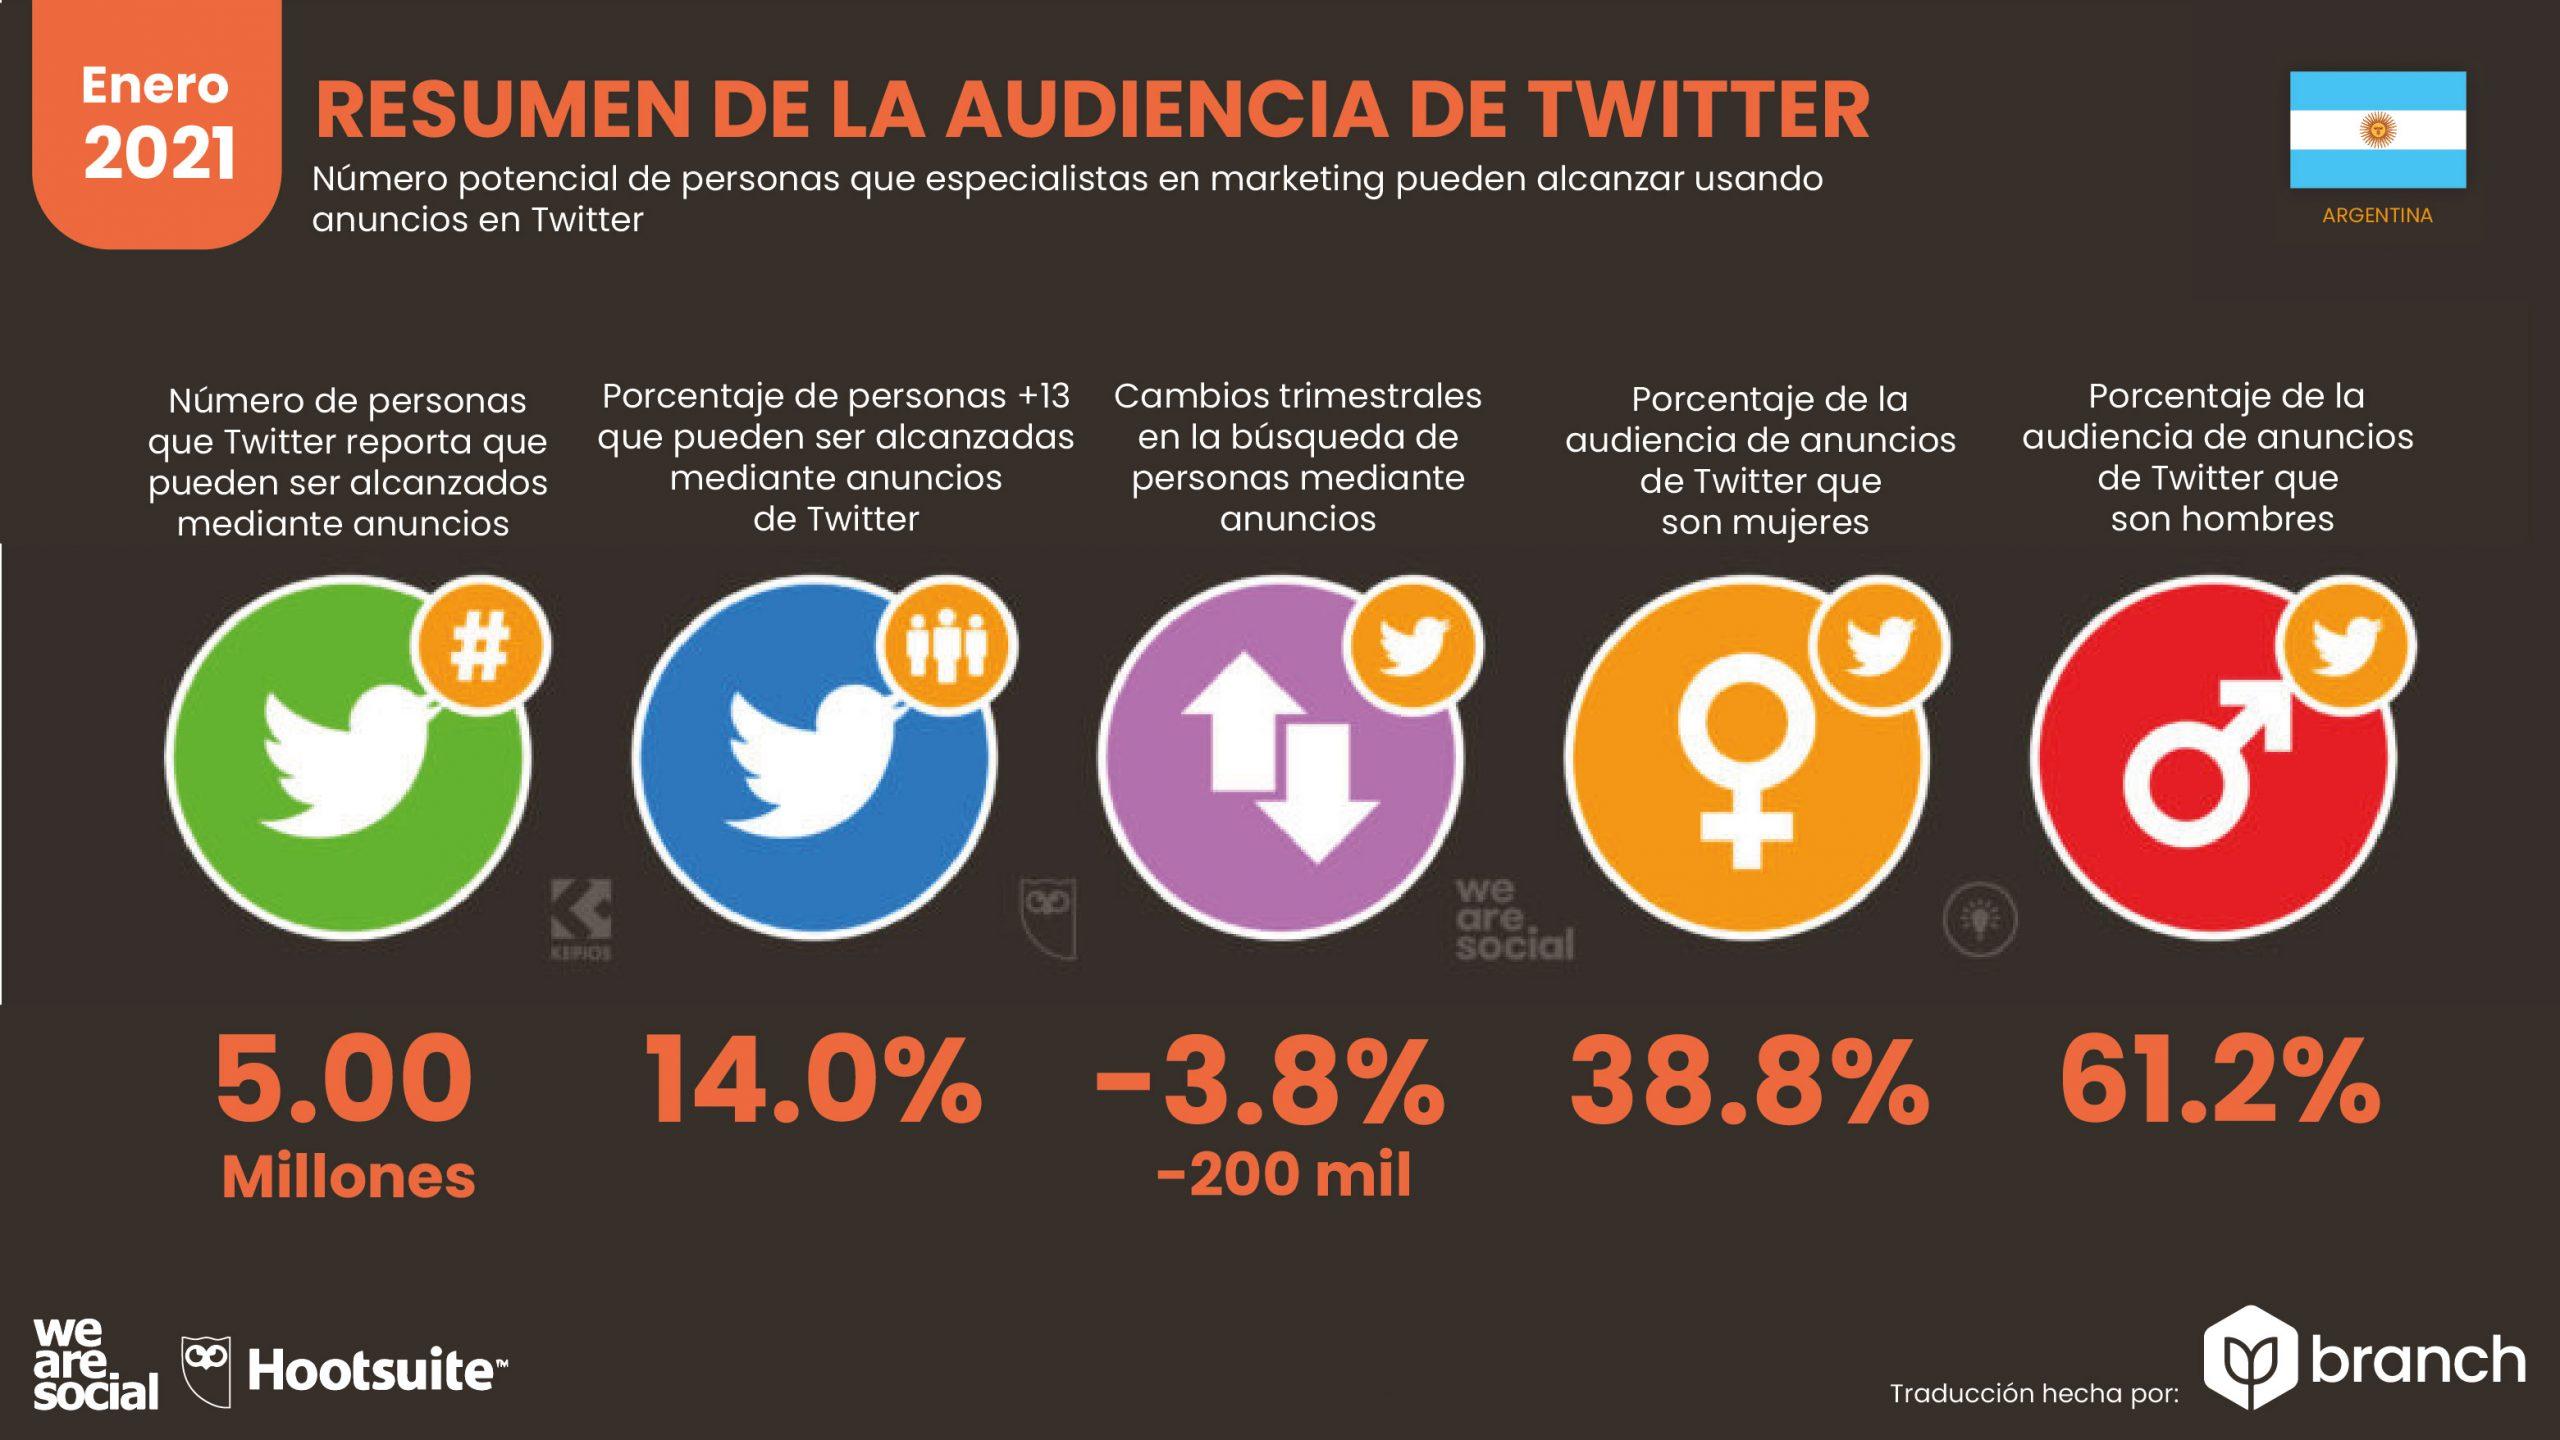 grafico-audiencia-de-twitter-en-argentina-2020-2021